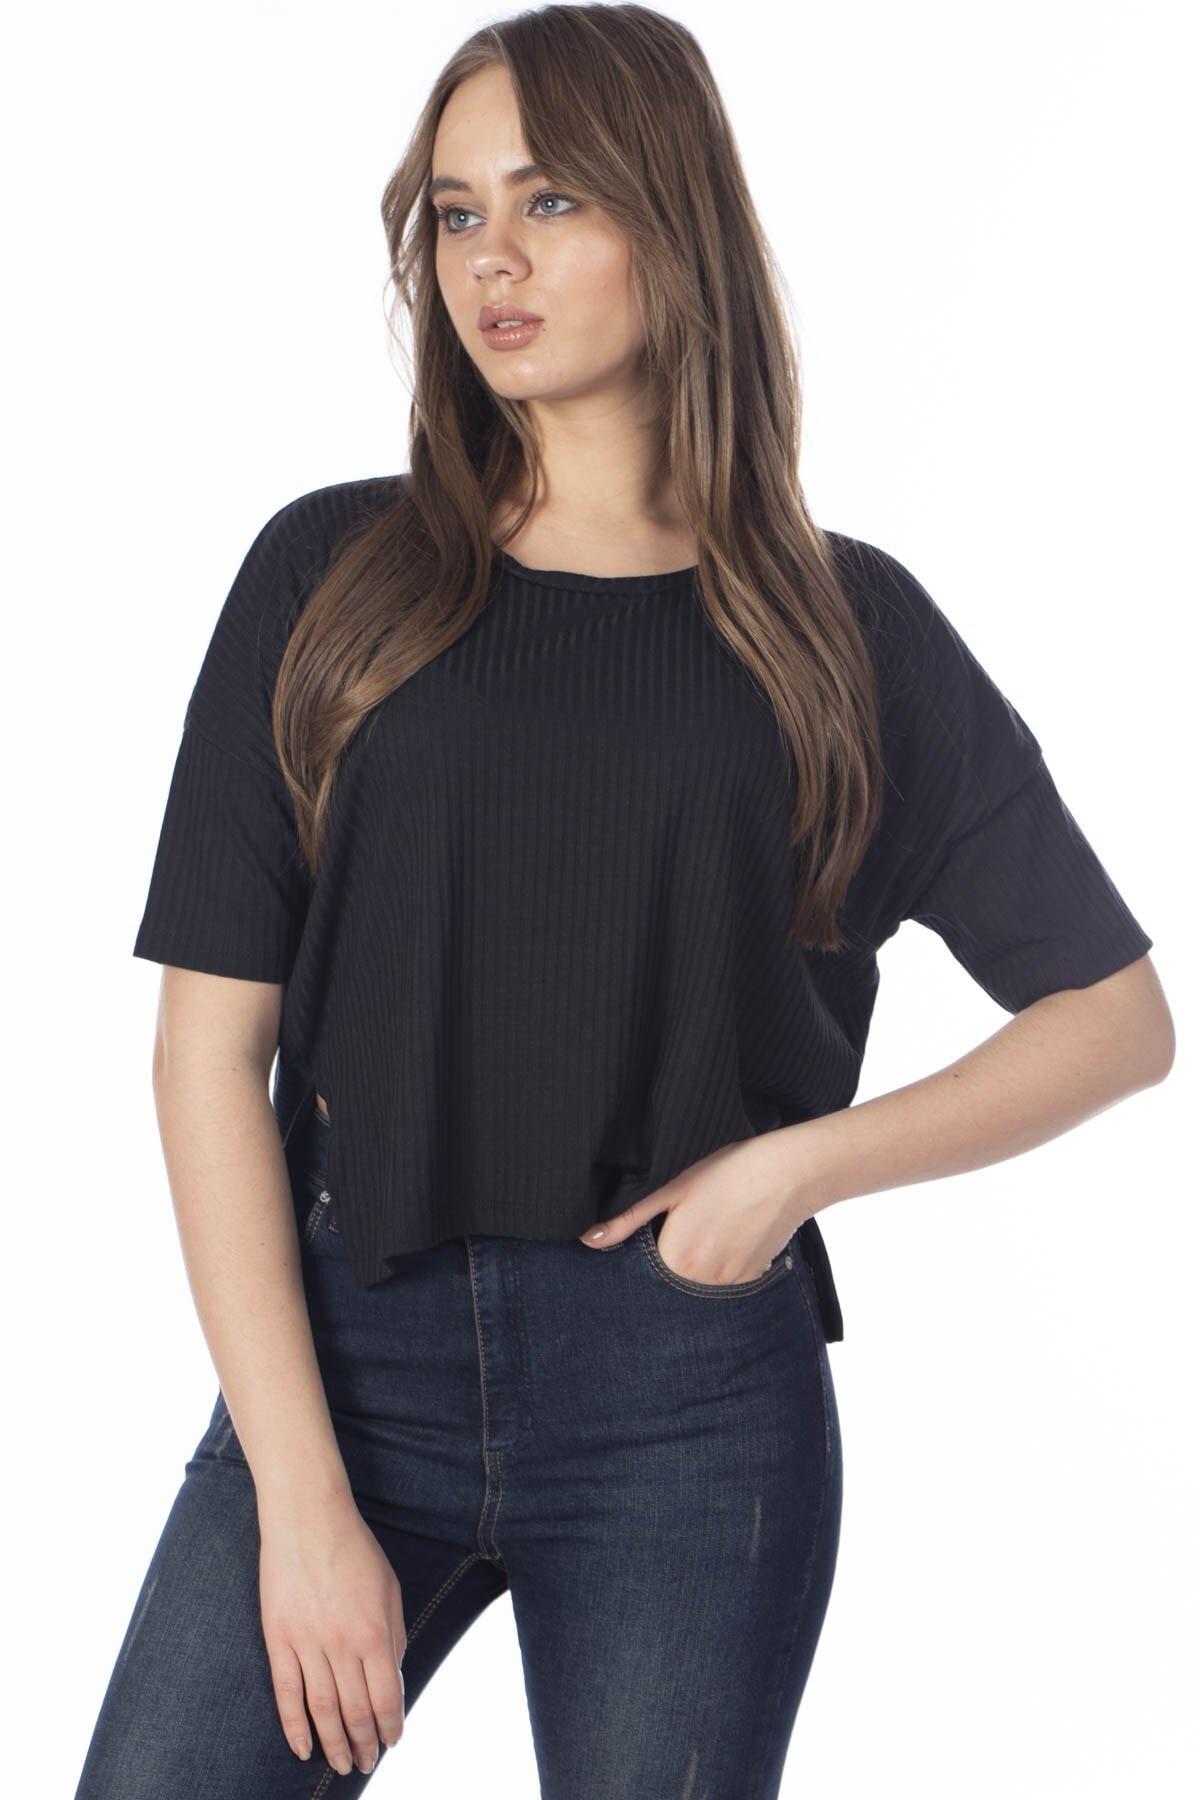 BARRELS AND OIL Kadın Siyah Eteği Yırtmaçlı Salaş T 399-20Y13032.91